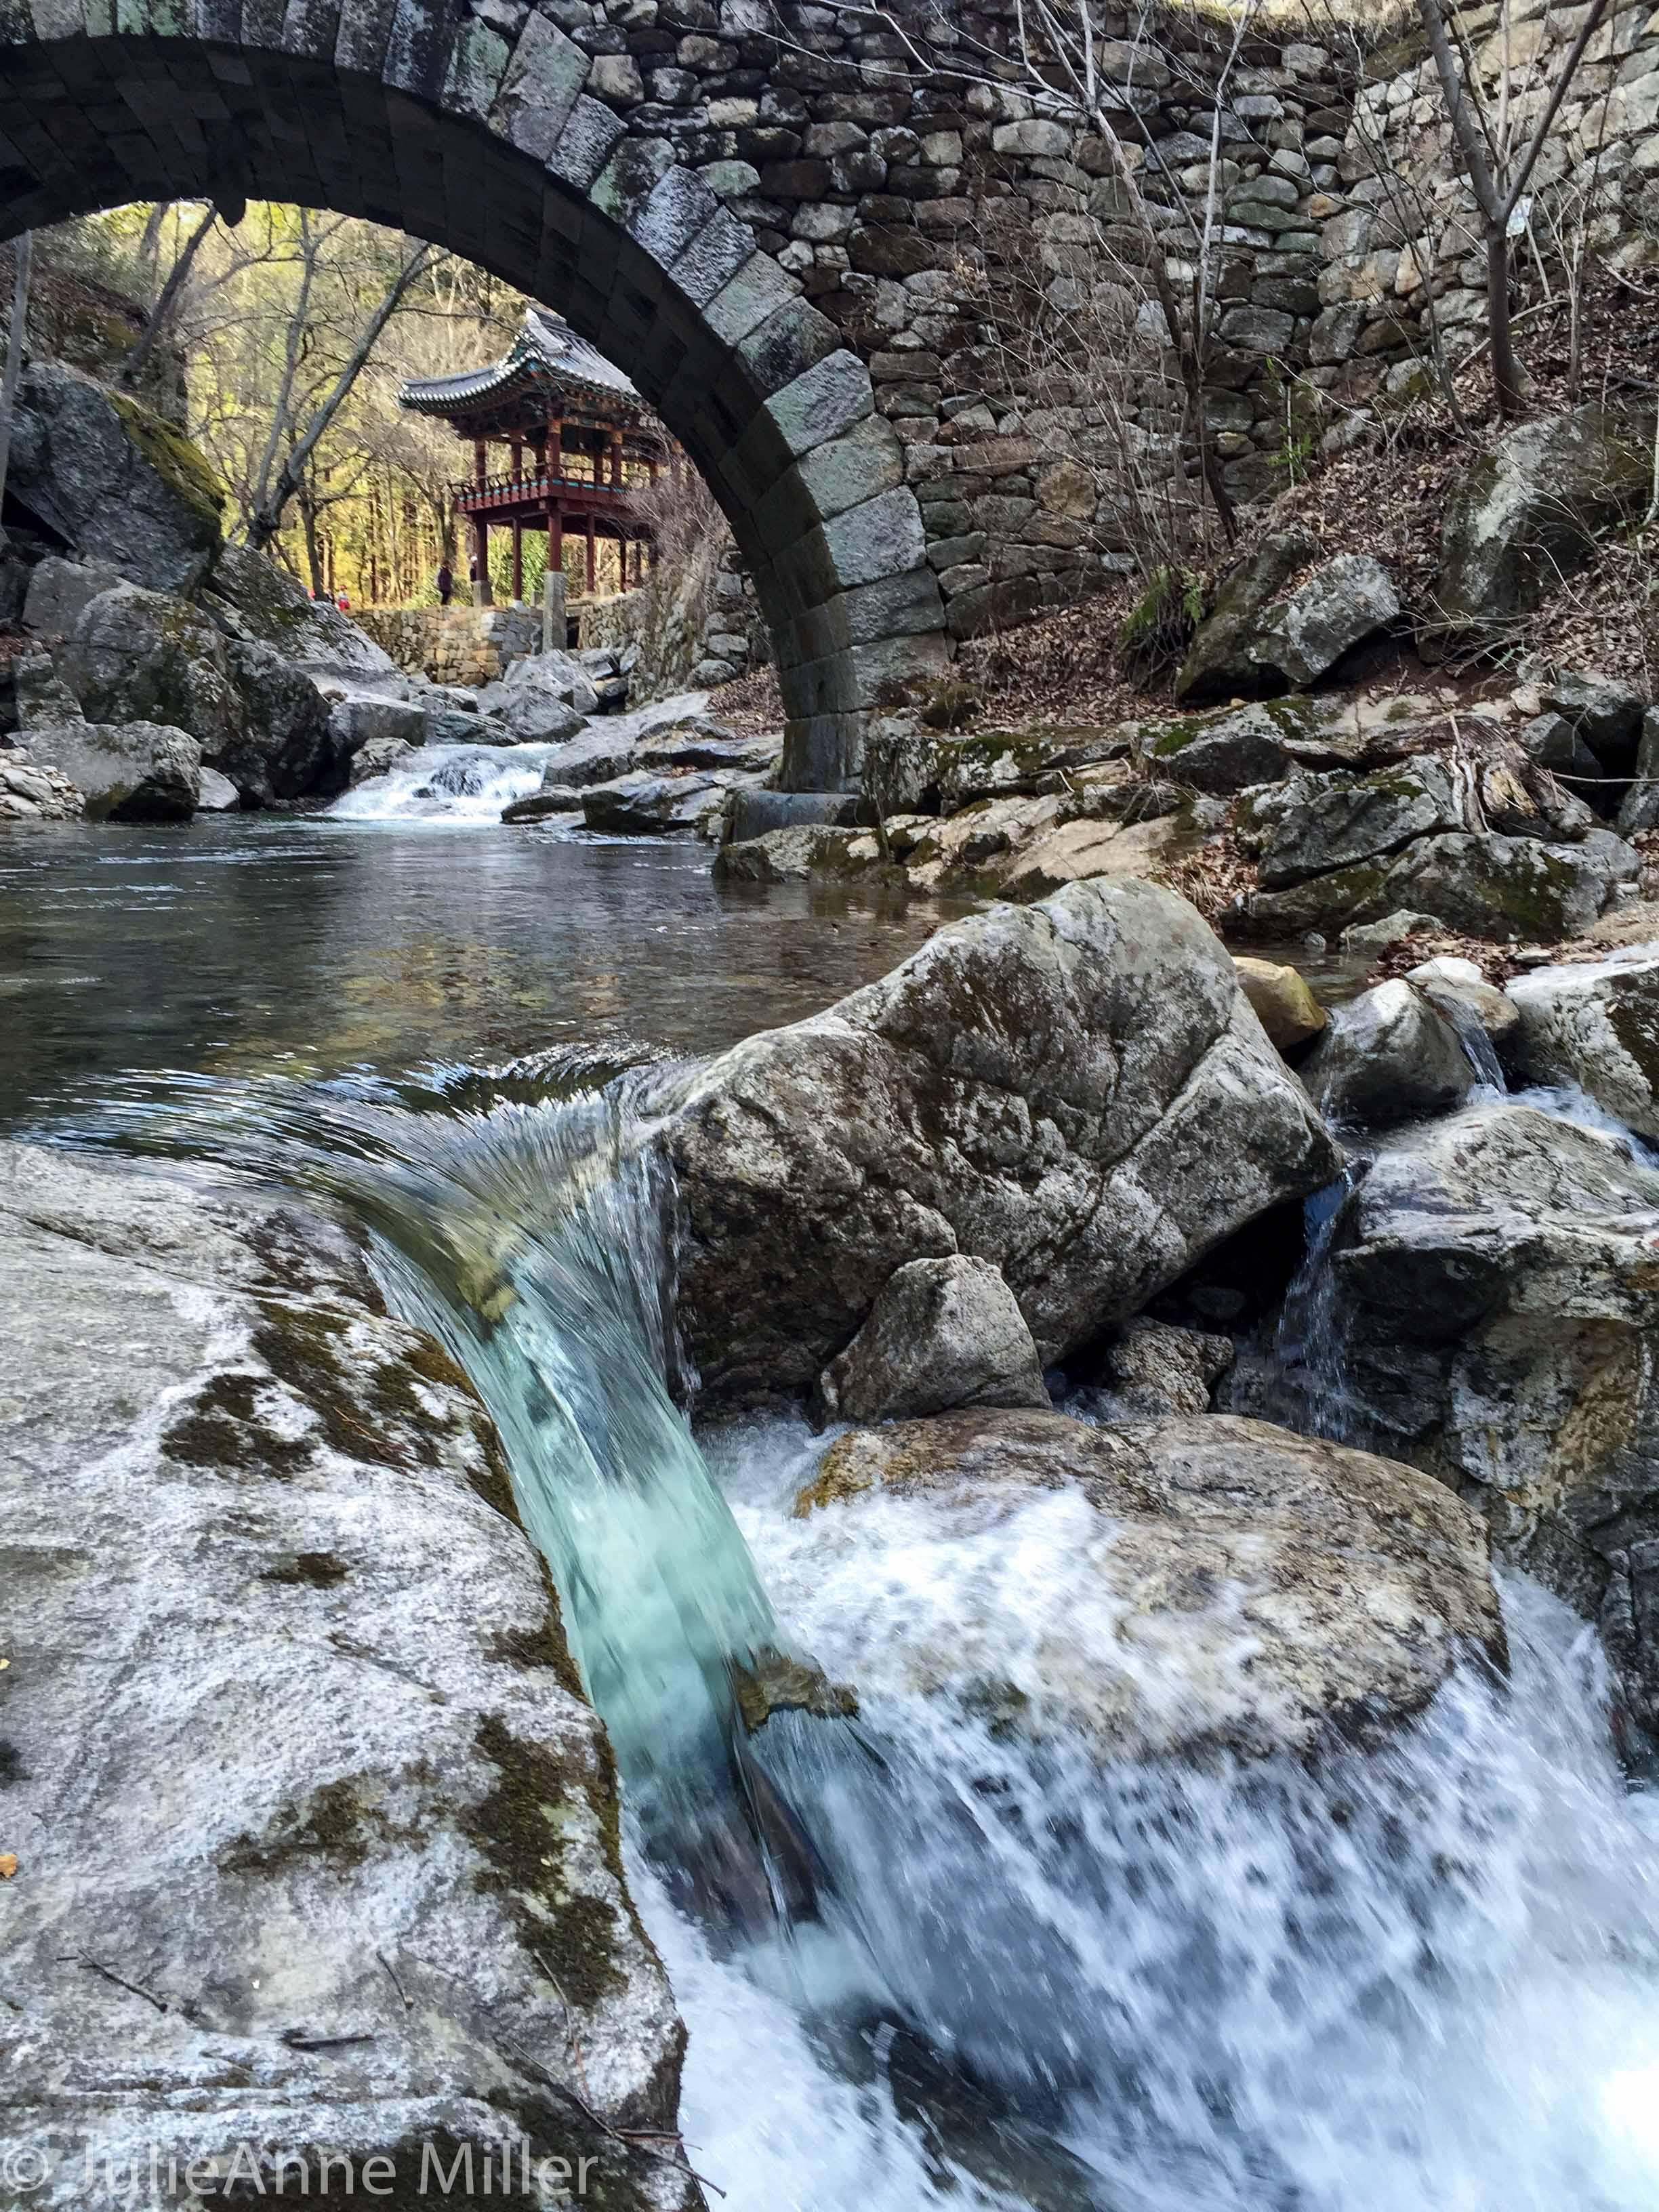 water below seungseongyo